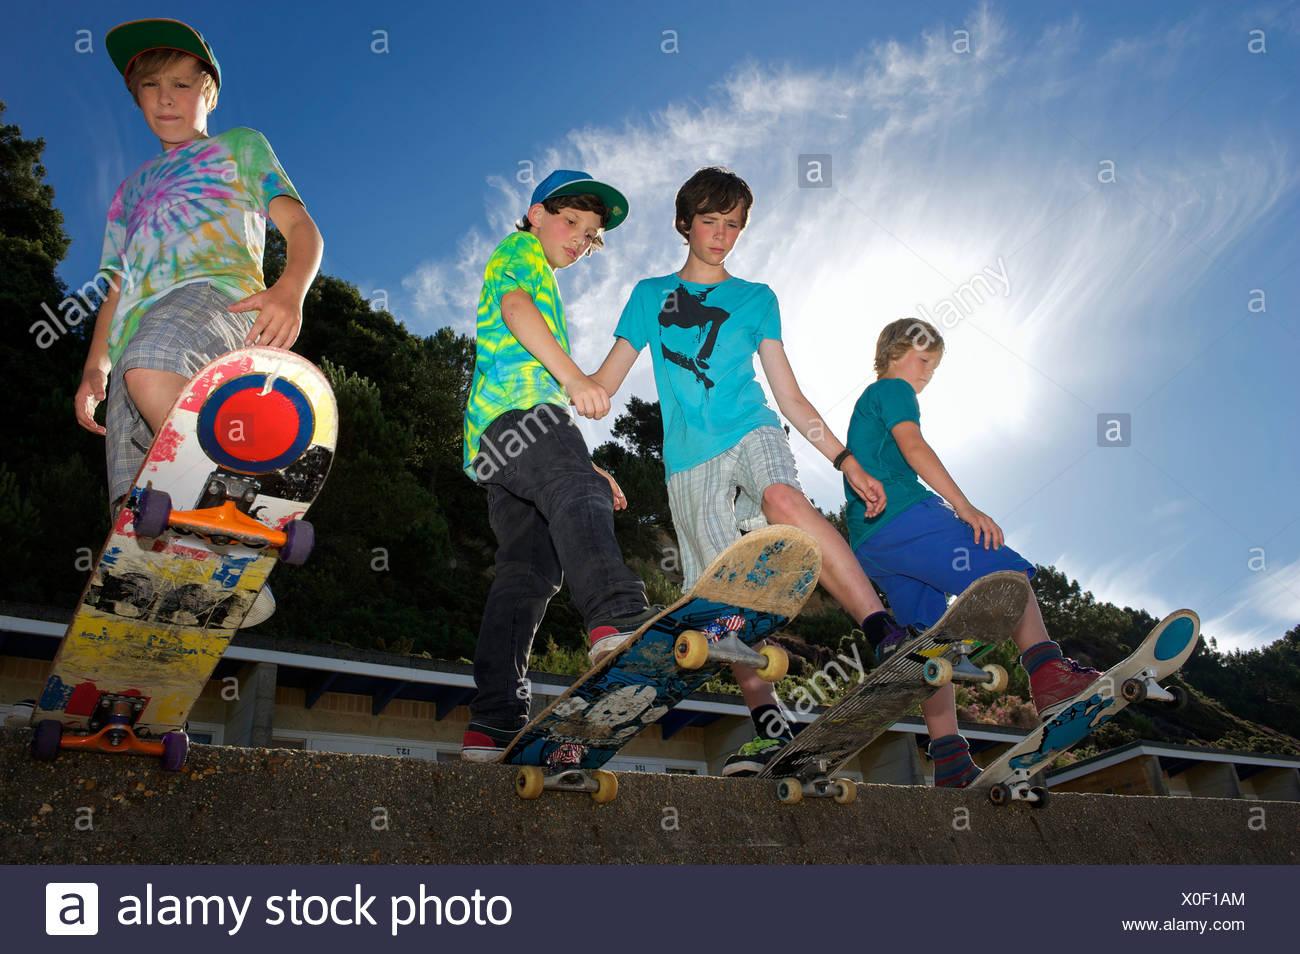 Retrato de cuatro muchachos en skateboards Imagen De Stock